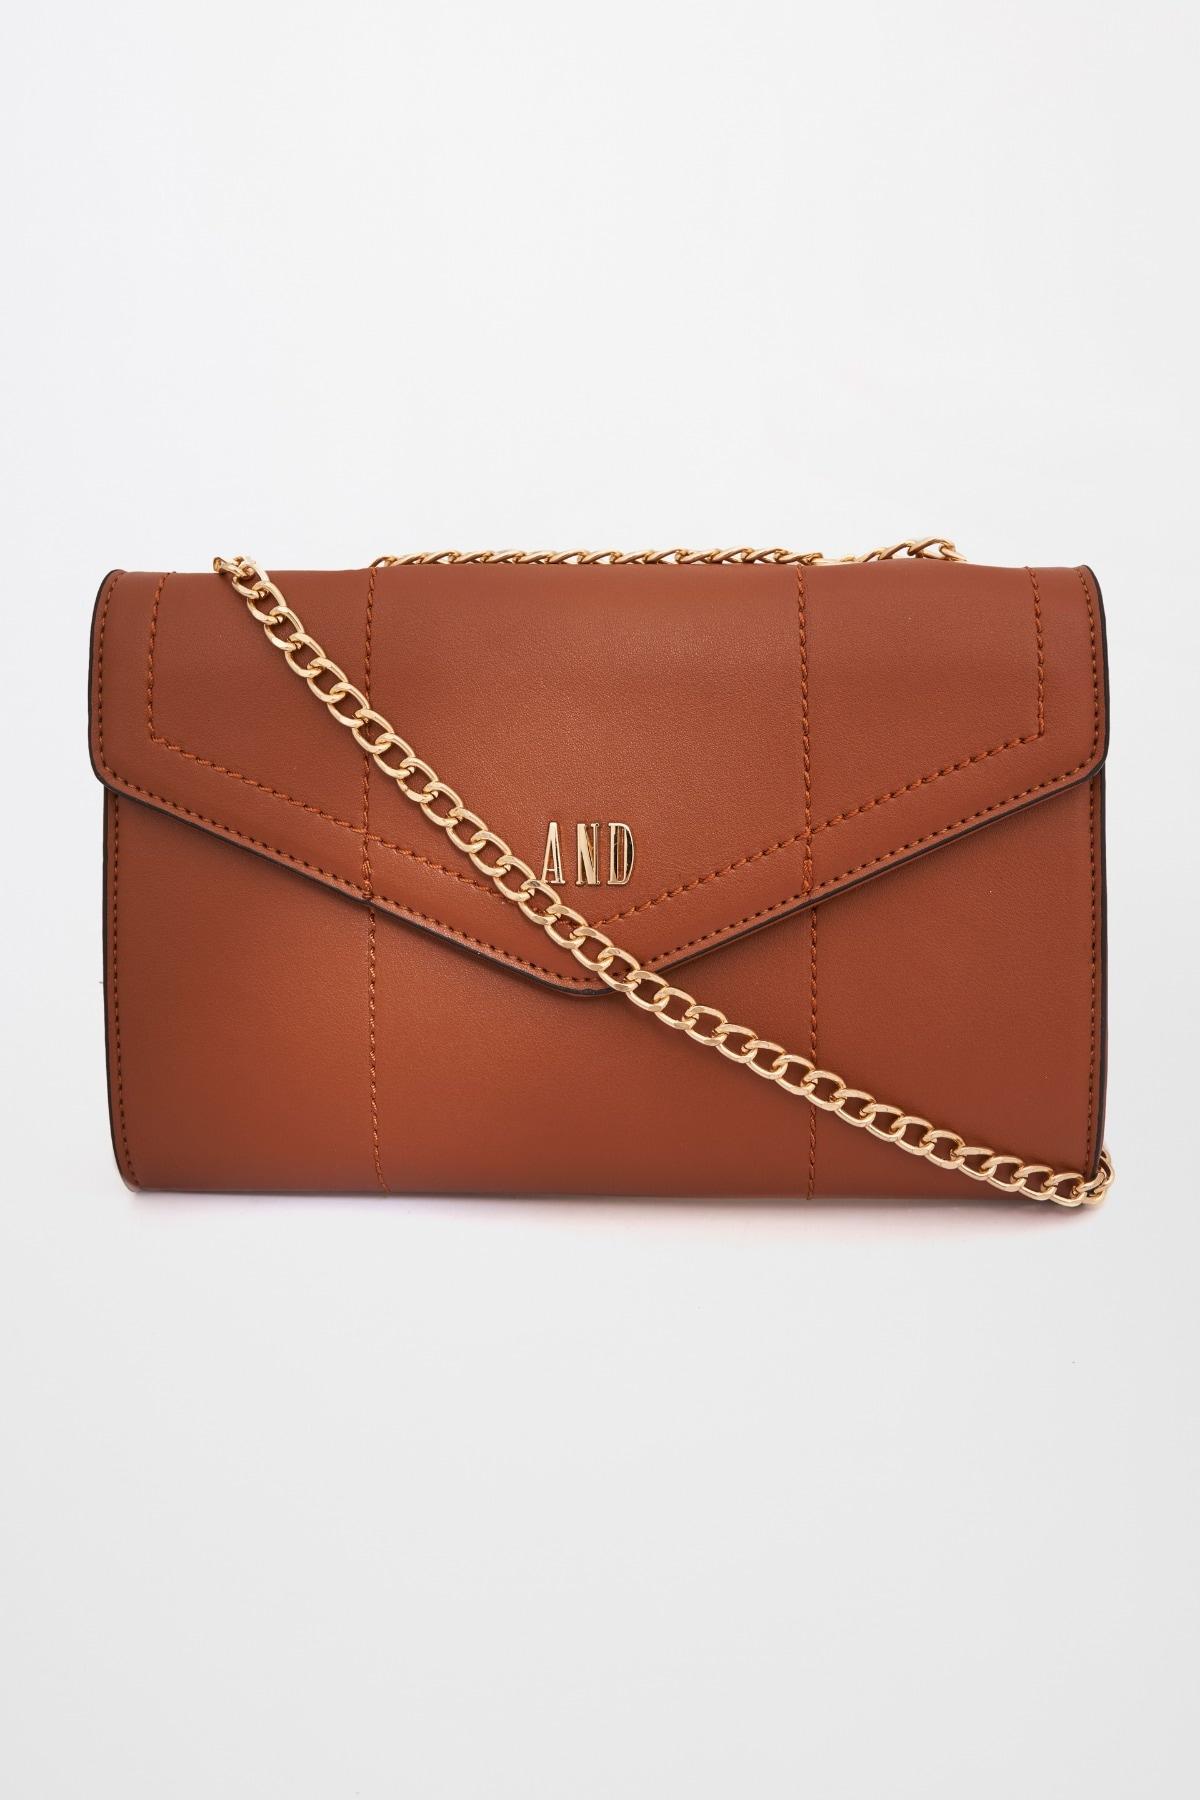 AND | Tan Sling Handbag